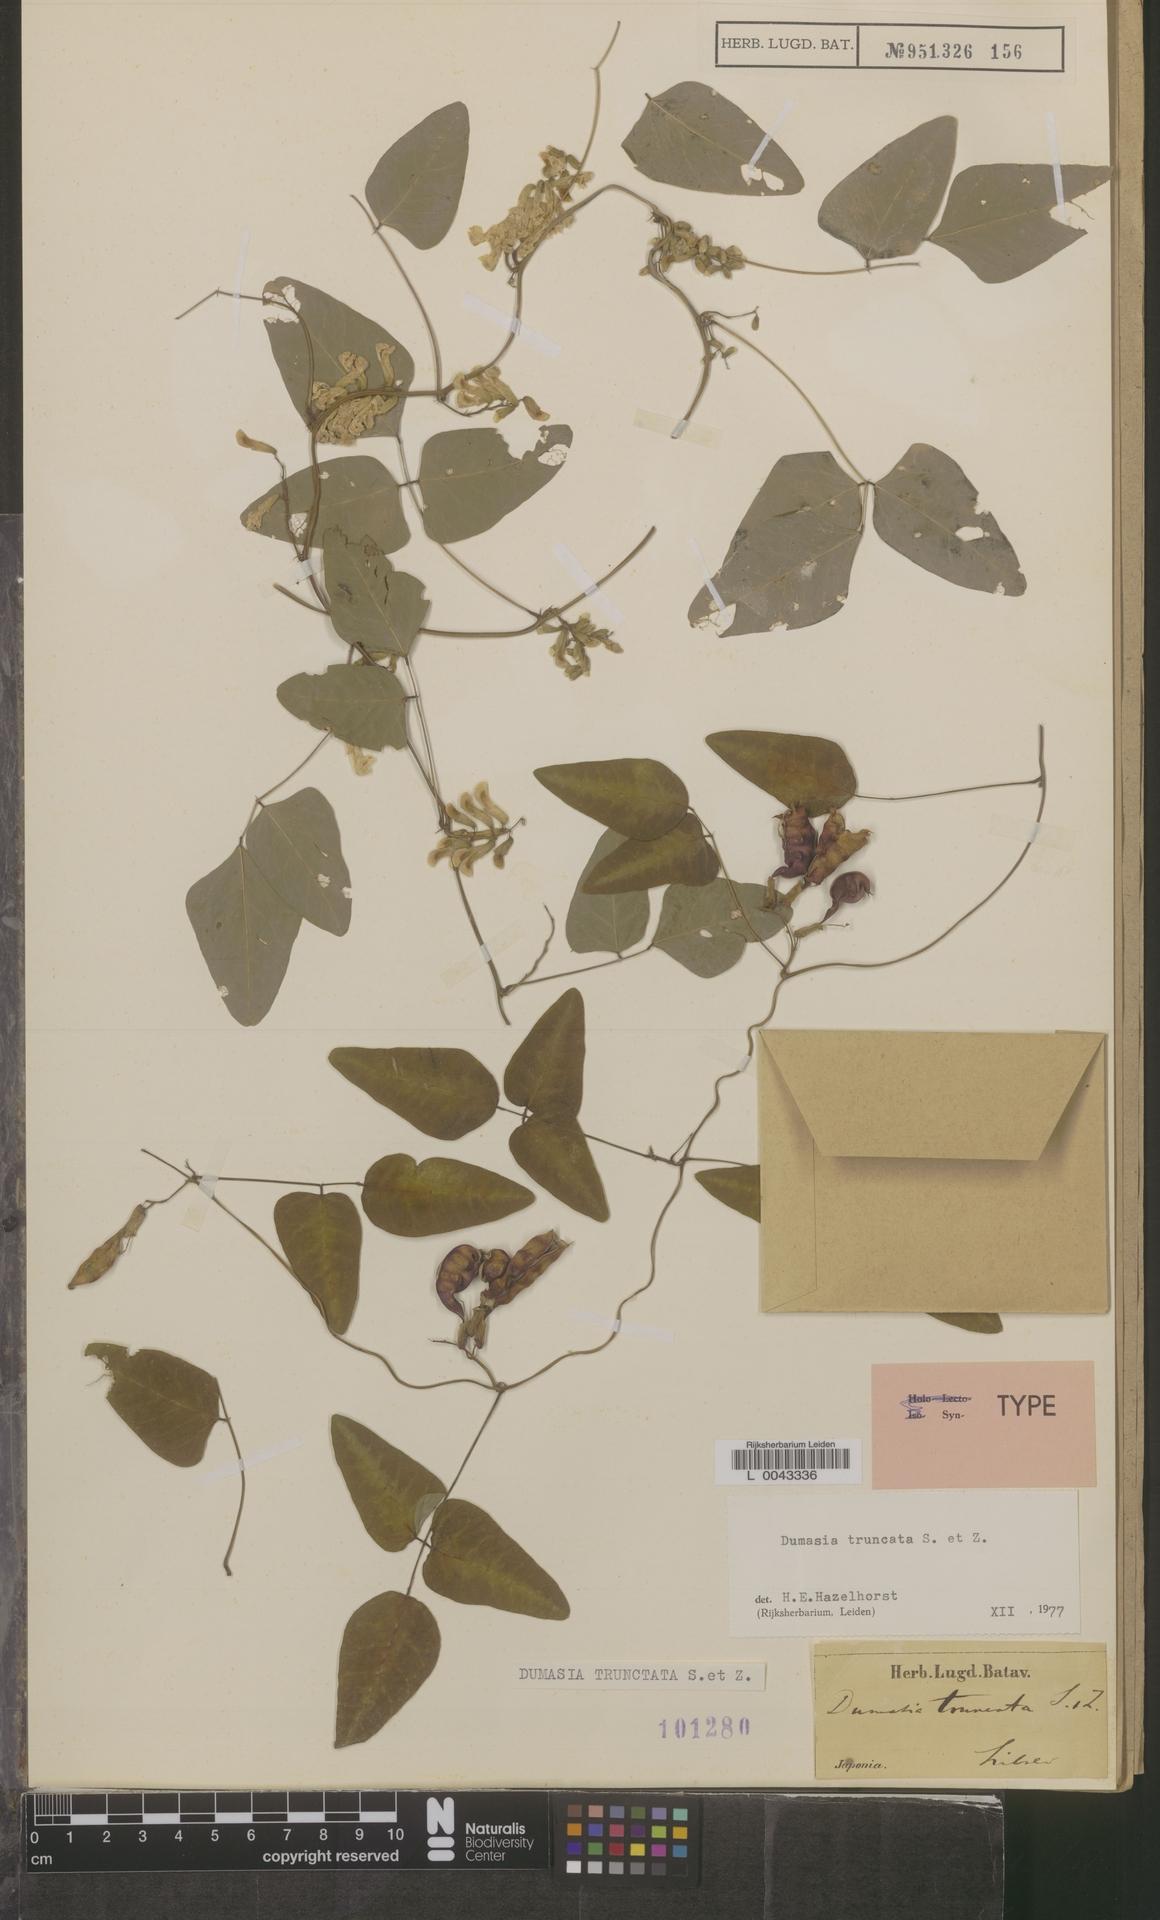 L  0043336 | Dumasia truncata Siebold & Zucc.